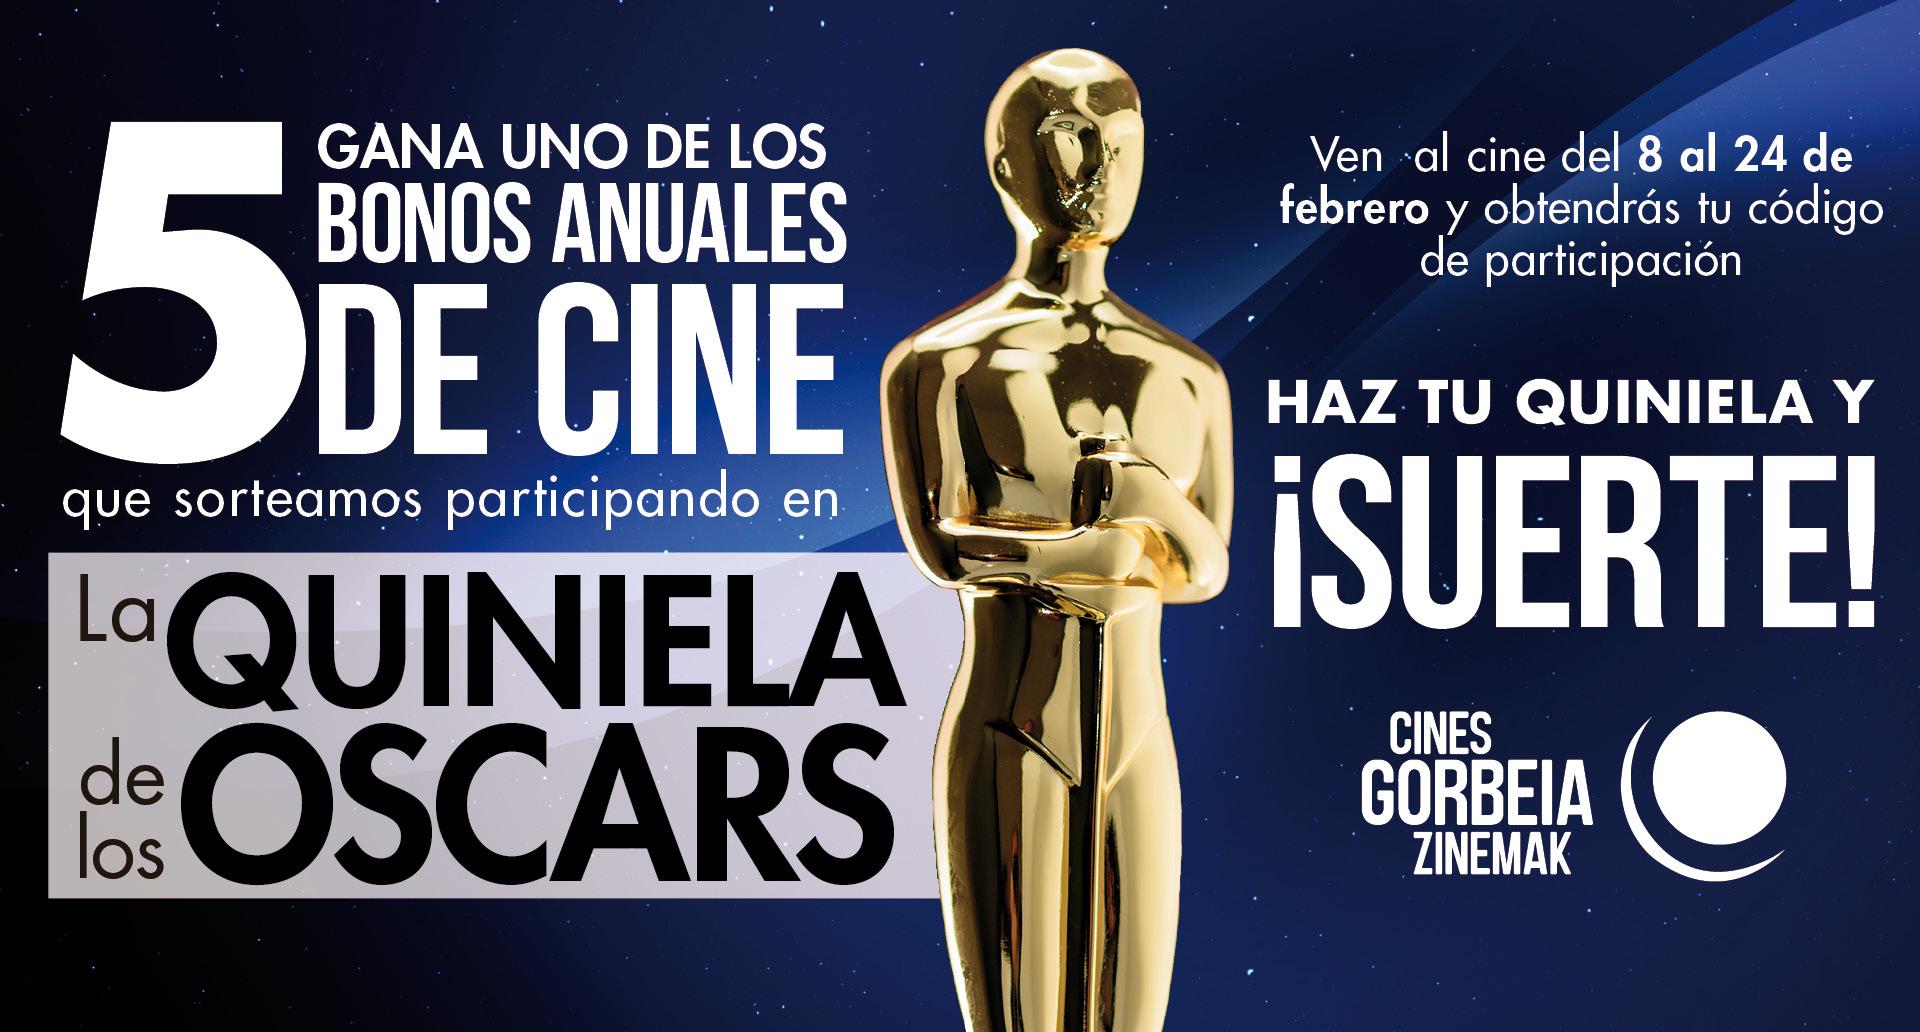 La Quiniela de los Oscars 2019